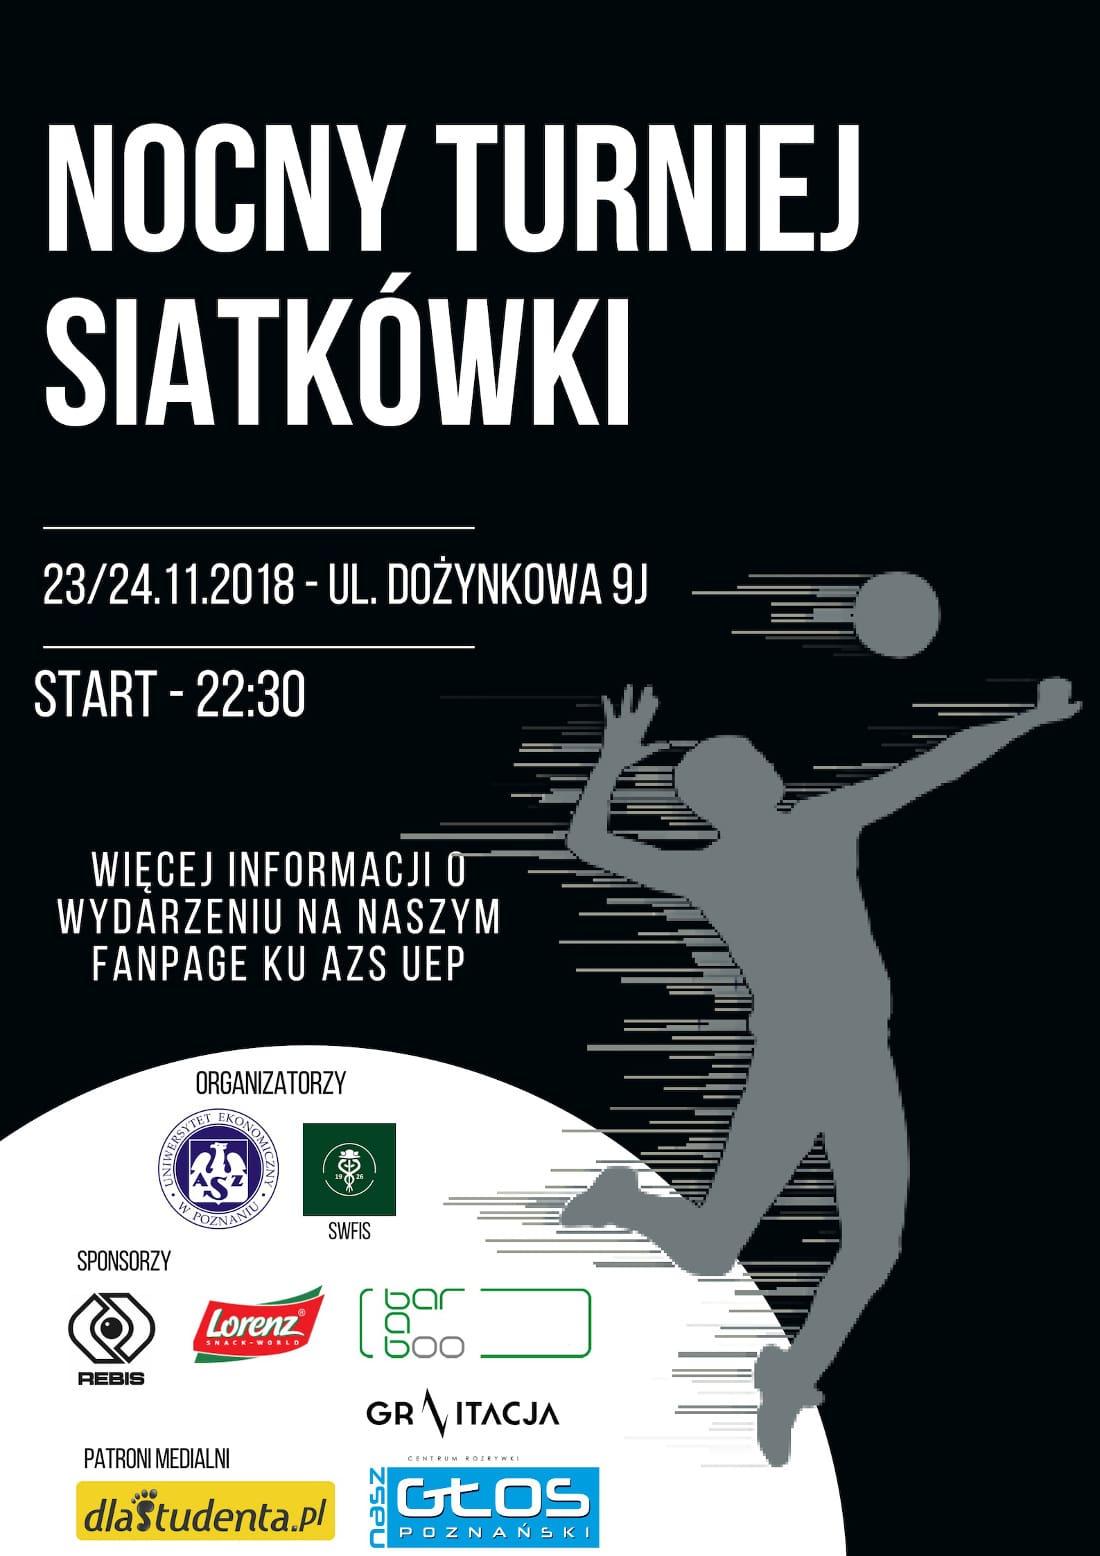 Nocny turniej odbędzie się 23 listopada 2018 roku.